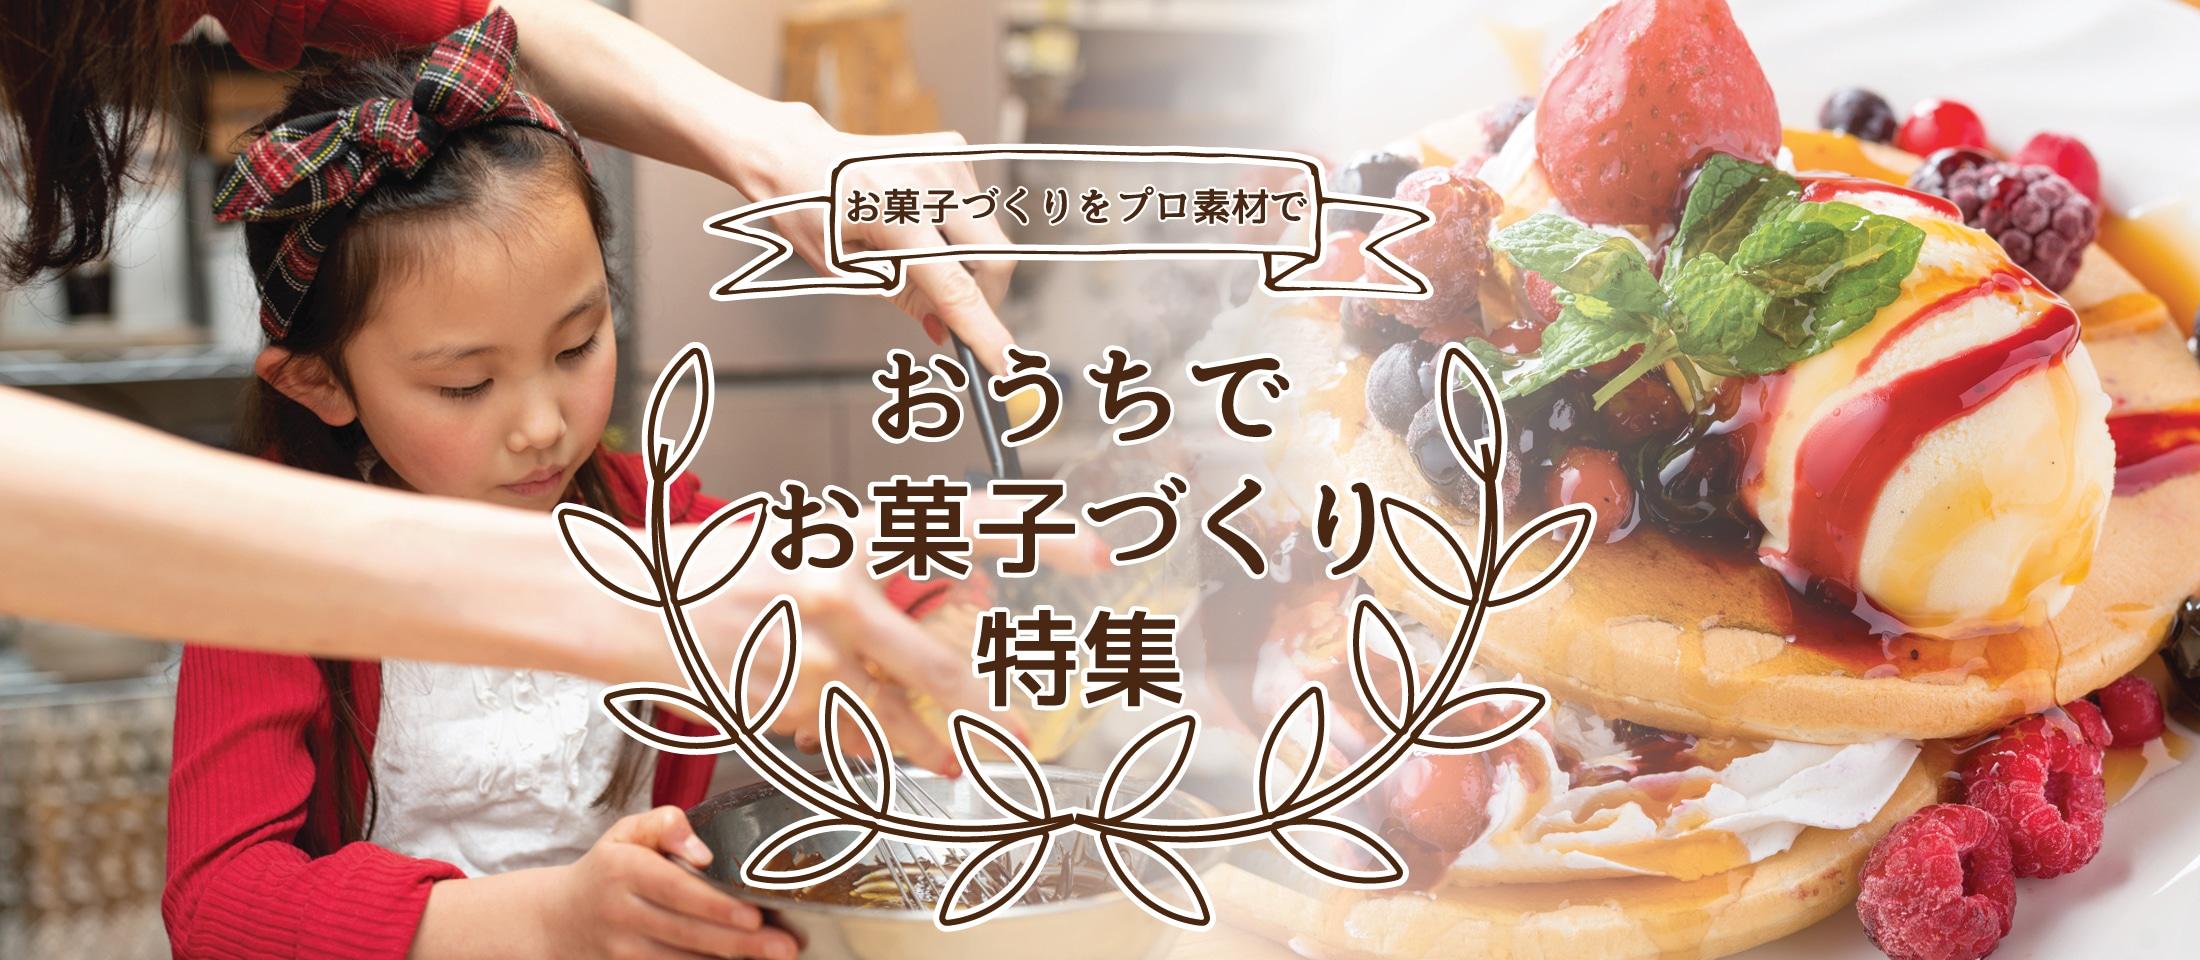 バレンタイン 製菓 お菓子作り 2021 特集  業務用食品・冷凍食品の通販 |ナカヤマフーズ